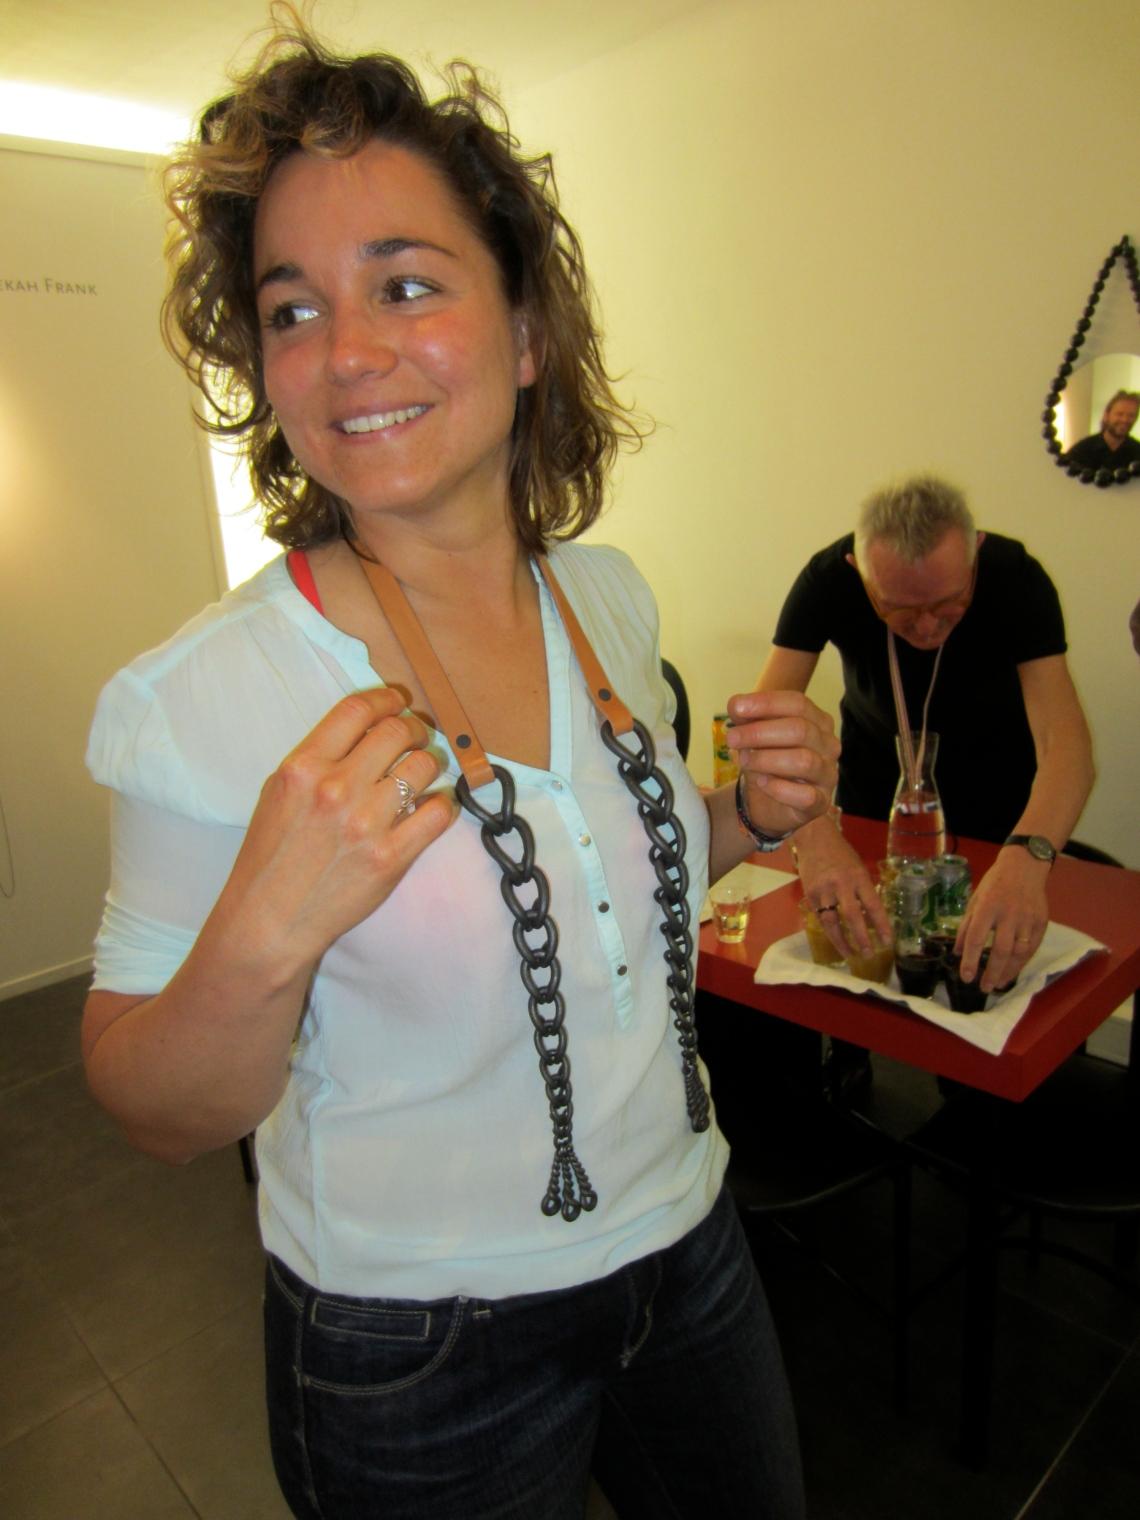 Réka Fekete draagt Sophie Hanagarth in Galerie Ra, 2014. Foto met dank aan M.O.©